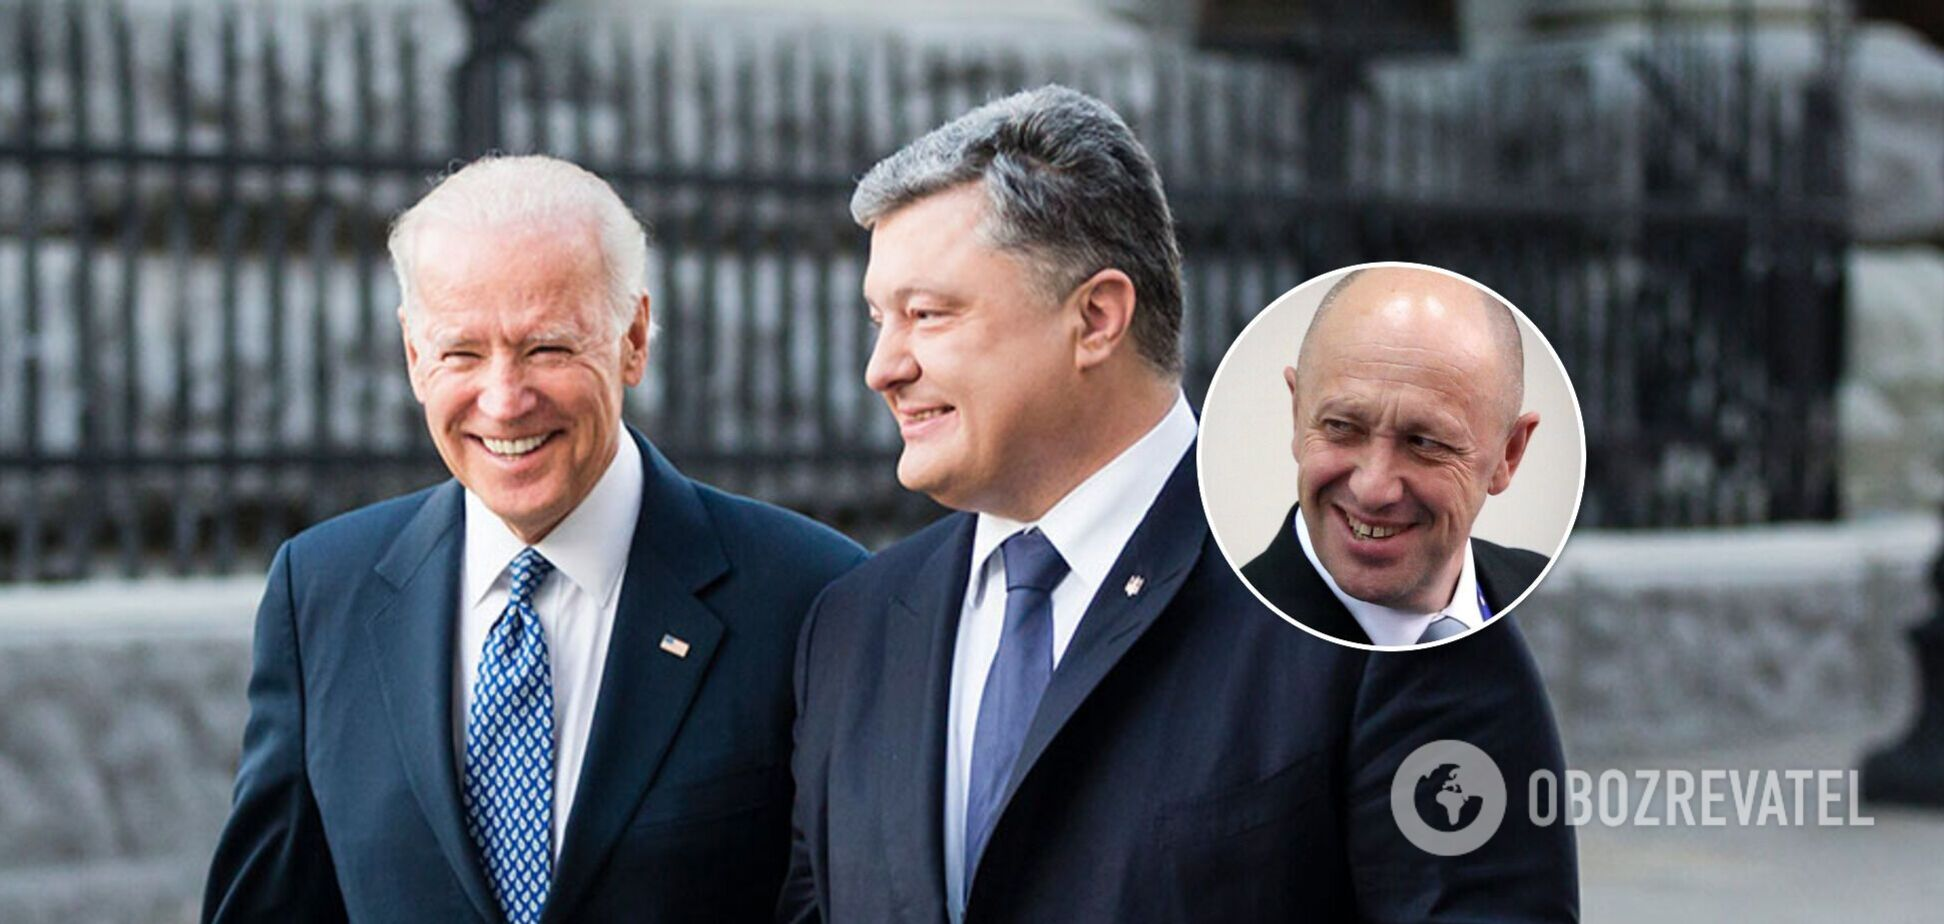 Дело против Порошенко, Байдена и Обамы открыли на основе 'вброса' из ресурса пропагандиста Пригожина, – адвокаты